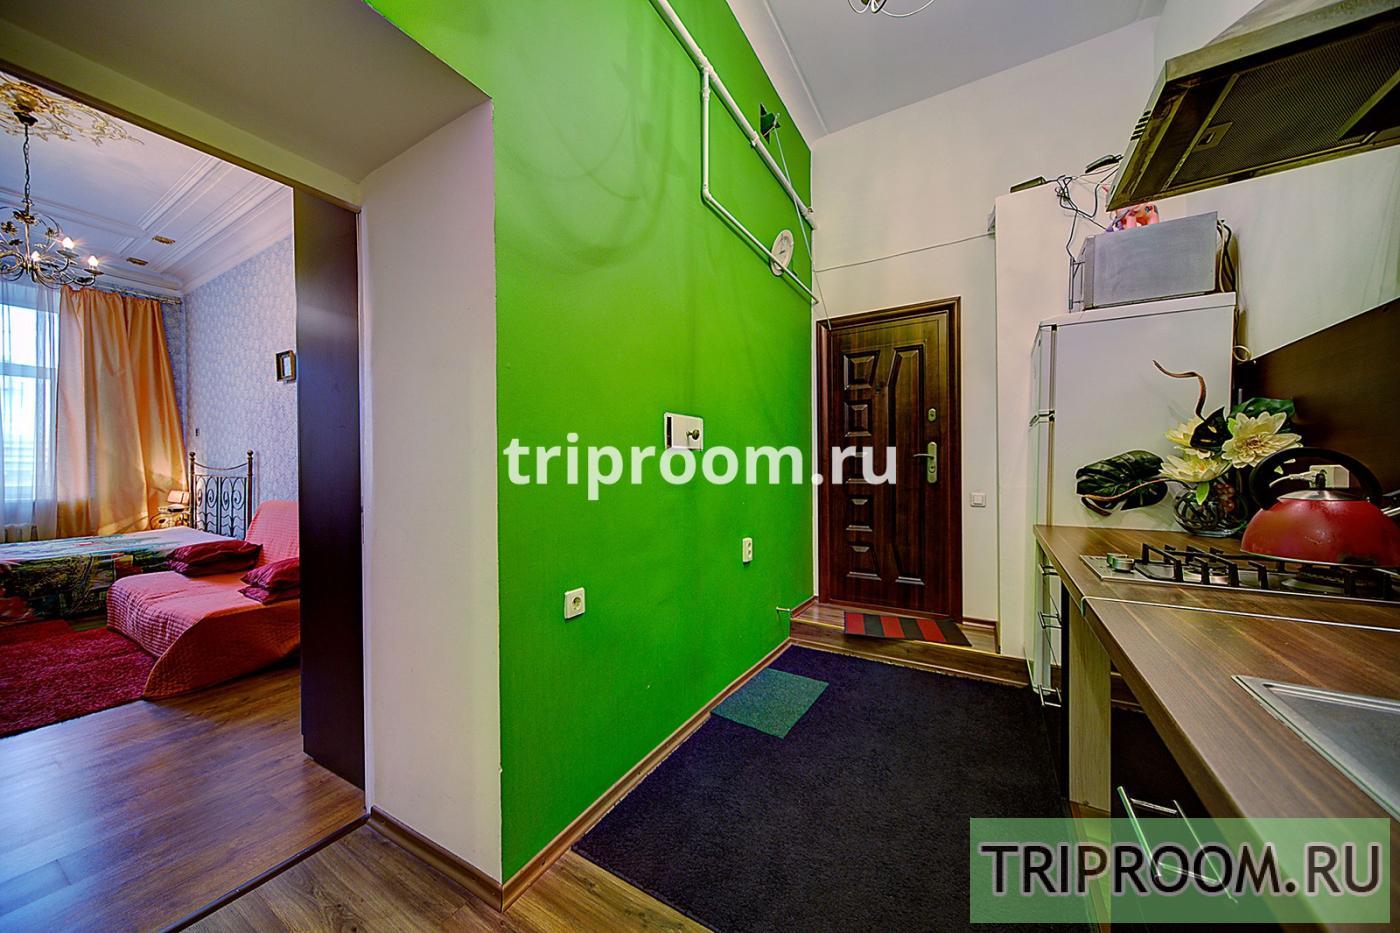 1-комнатная квартира посуточно (вариант № 15424), ул. Итальянская улица, фото № 11